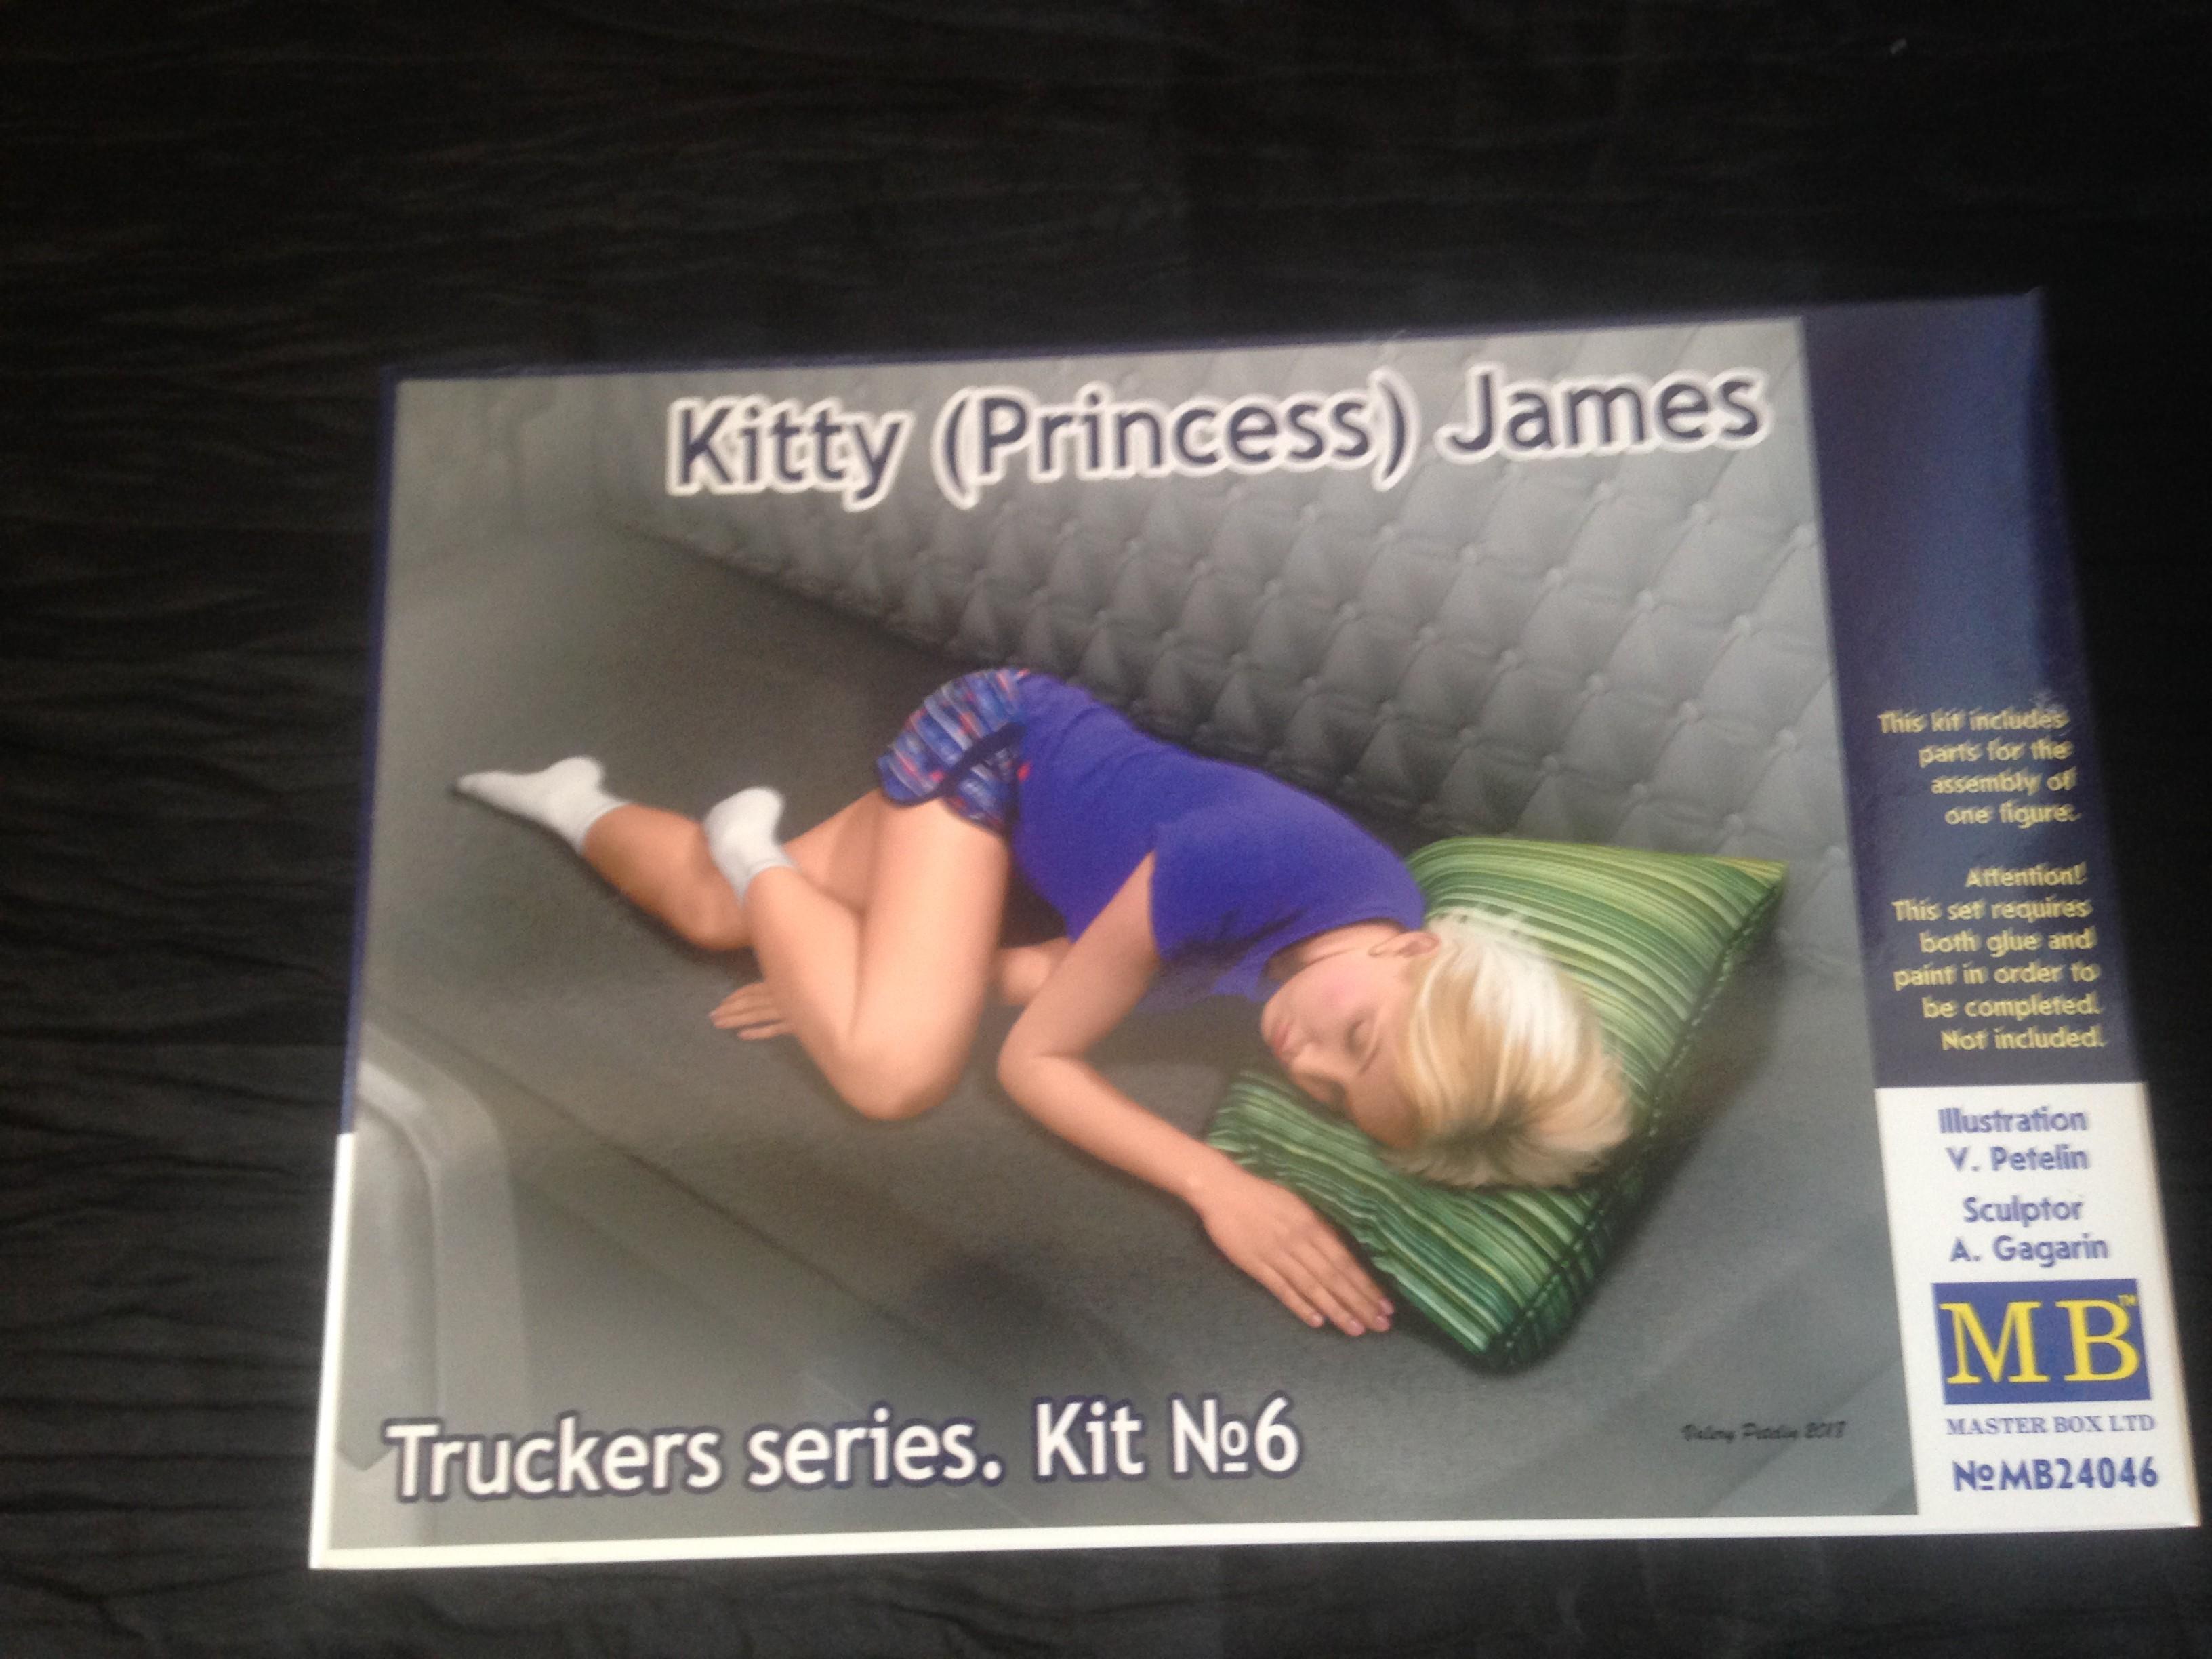 MB24046 Truckers series.Kitty Jemes in 1:24 Princess Master Box Ltd